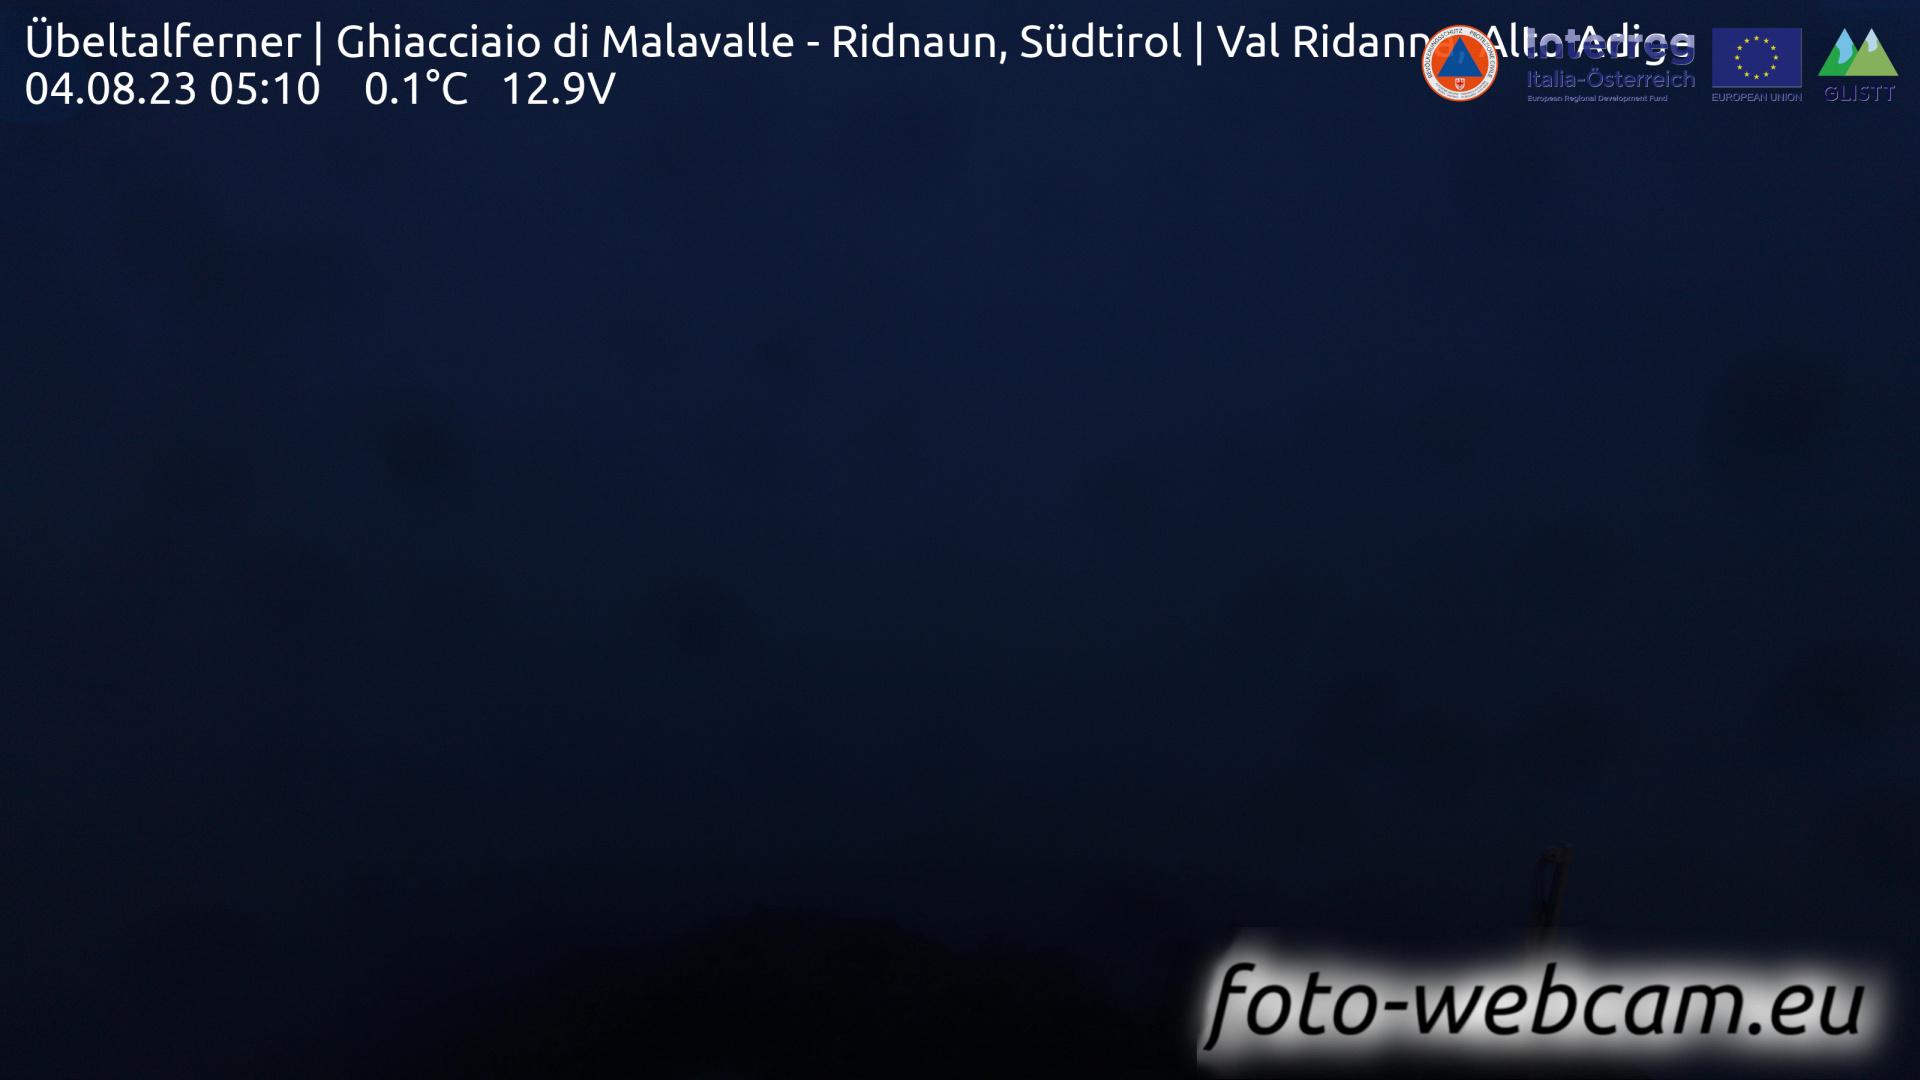 Val Ridanna Sab. 05:28